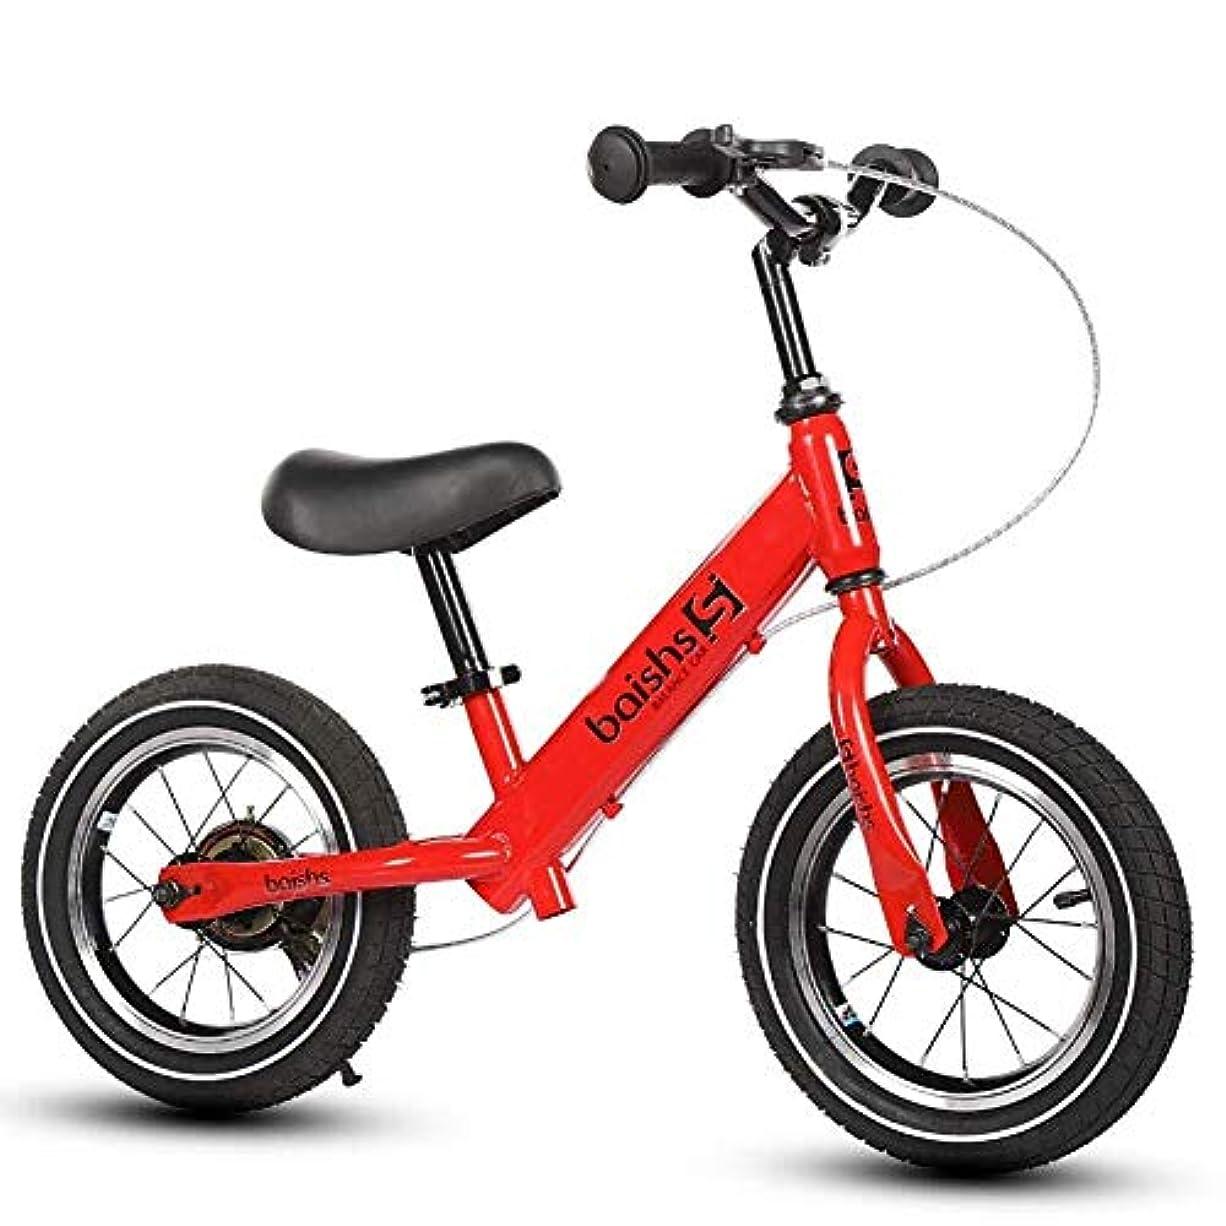 スクレーパー驚乱闘バランスバイク炭素鋼フレーム子供自転車自由に調整可能なフリースタイルシート高さ軽量子供バイク2-6年 ( Color : Red )